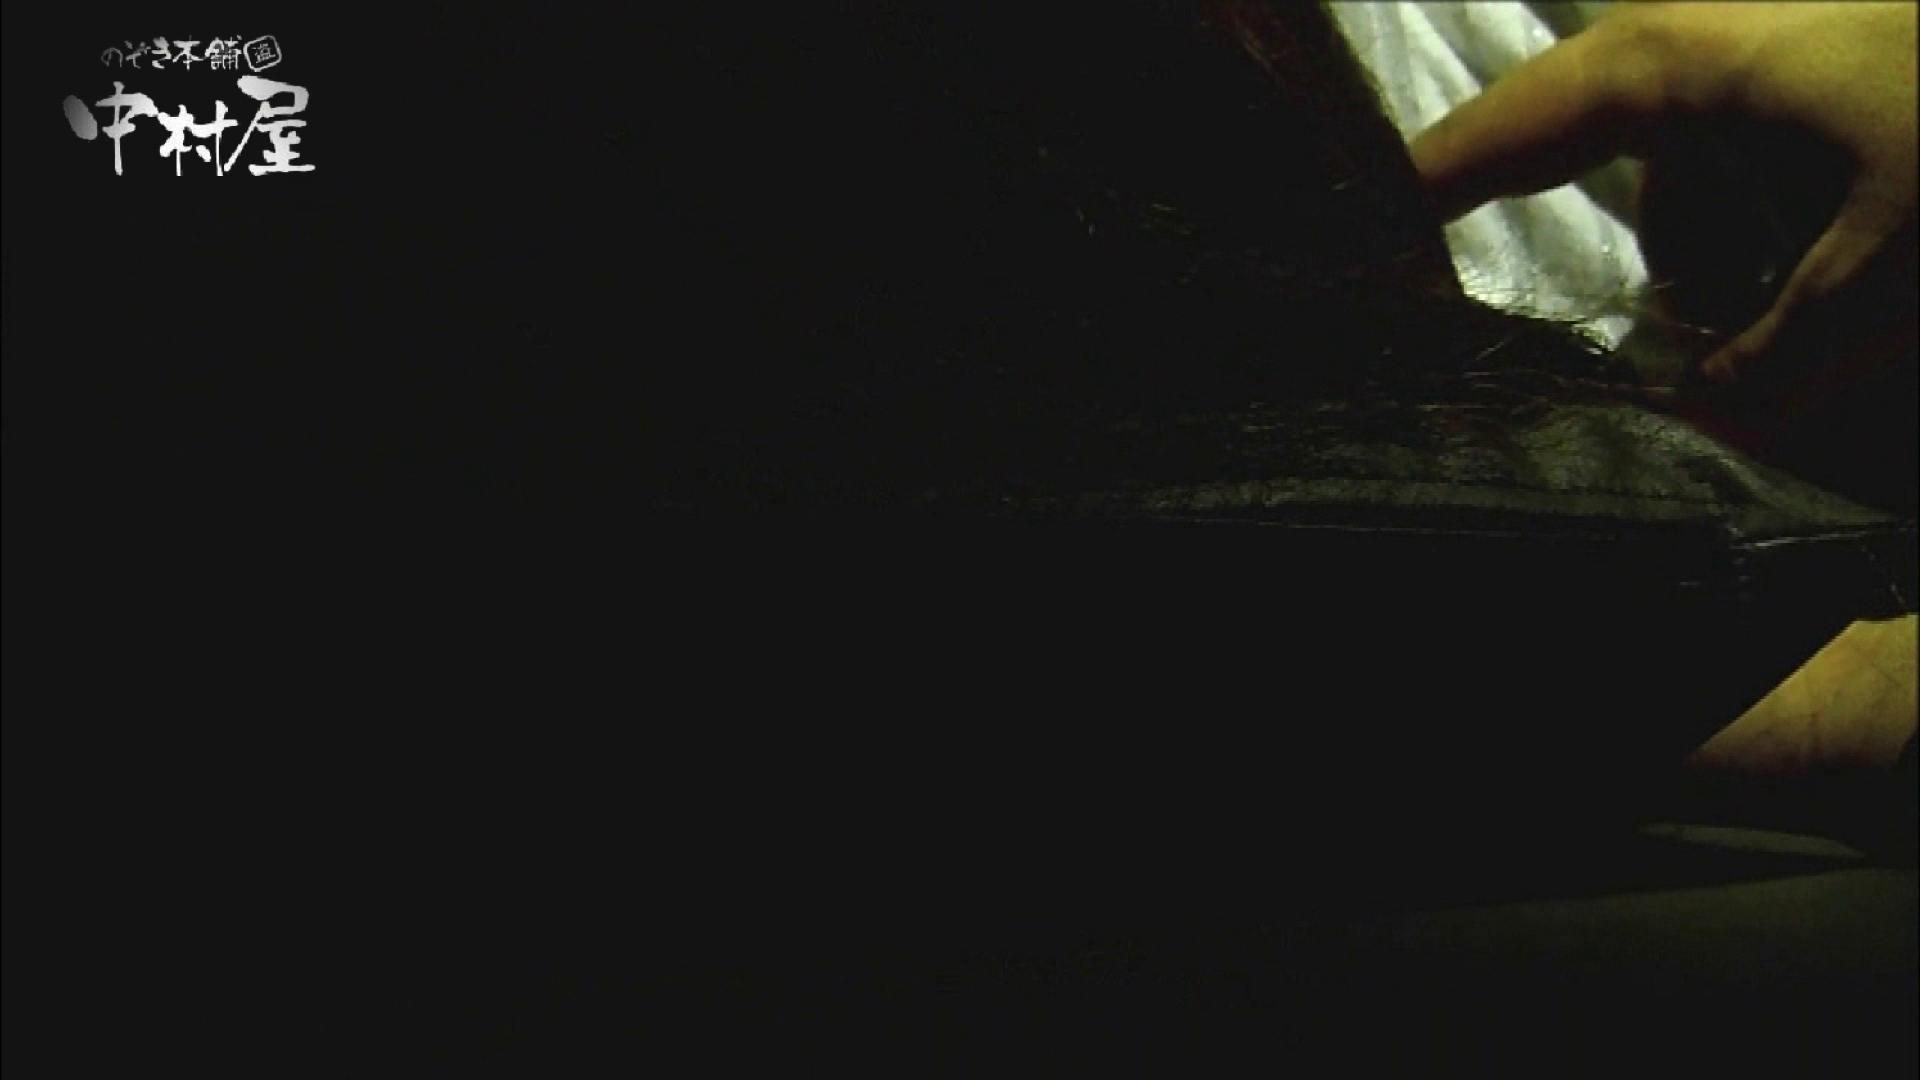 欲望 リアルドール Vol.01 Kちゃんショップ店員店員20歳 女子大生のエロ生活 ワレメ動画紹介 73連発 59